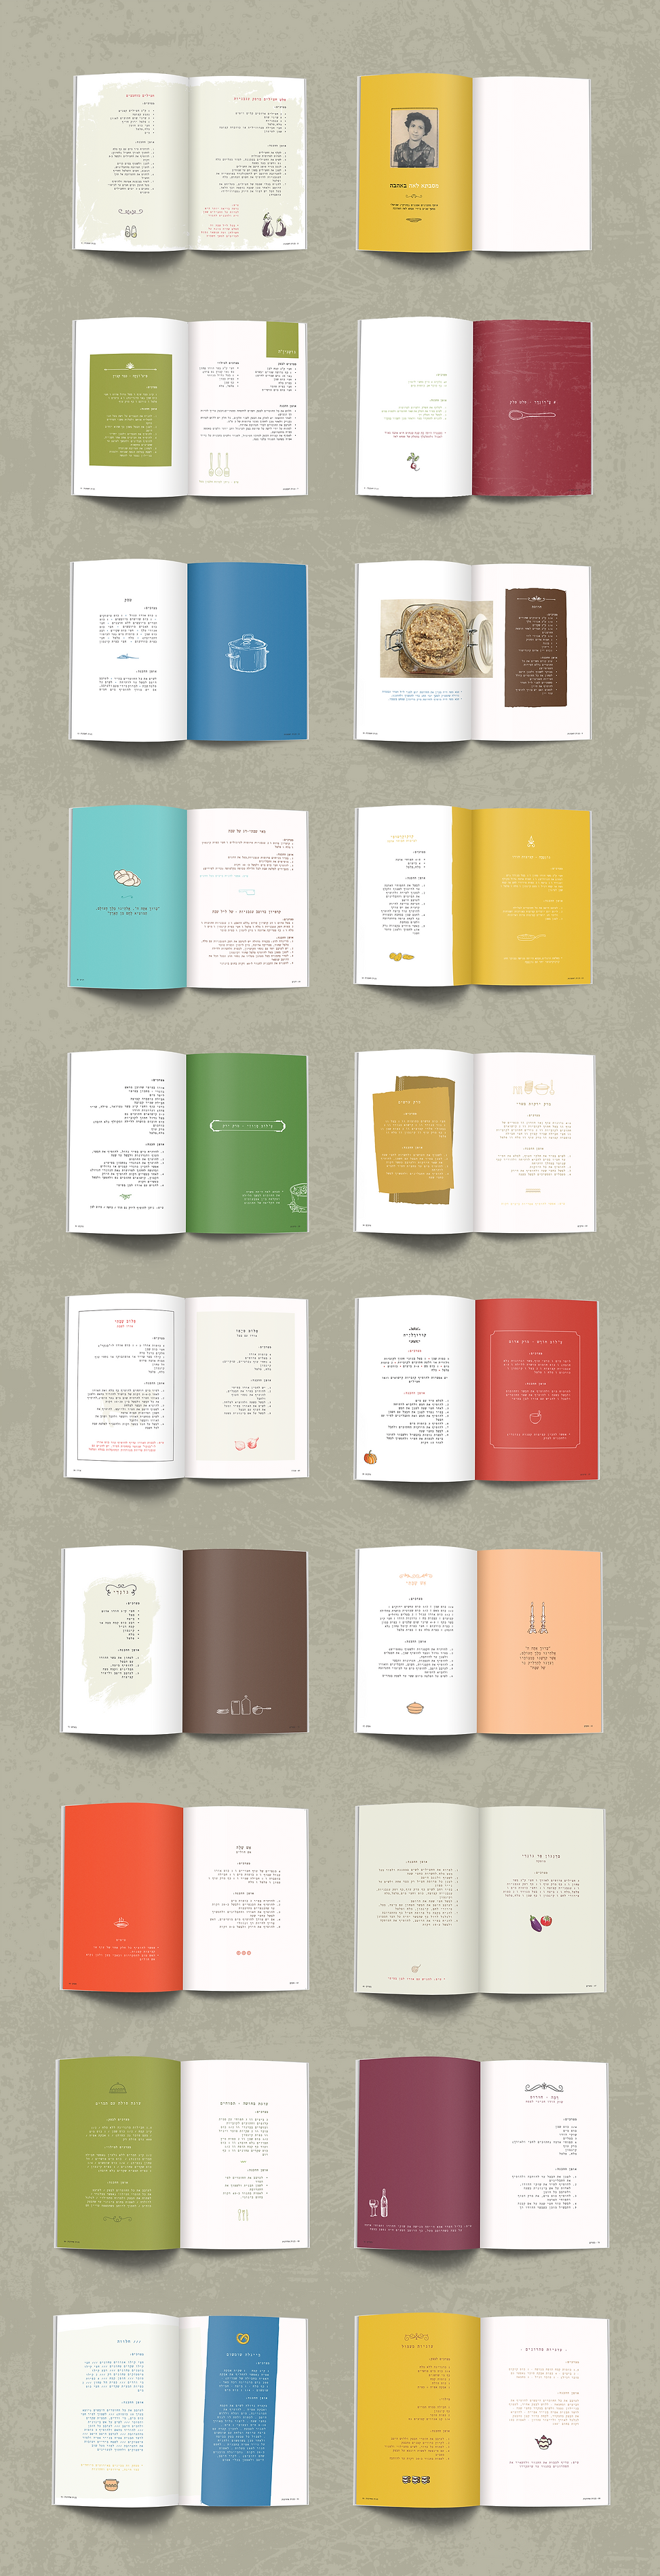 עיצוב ספר מתכונים